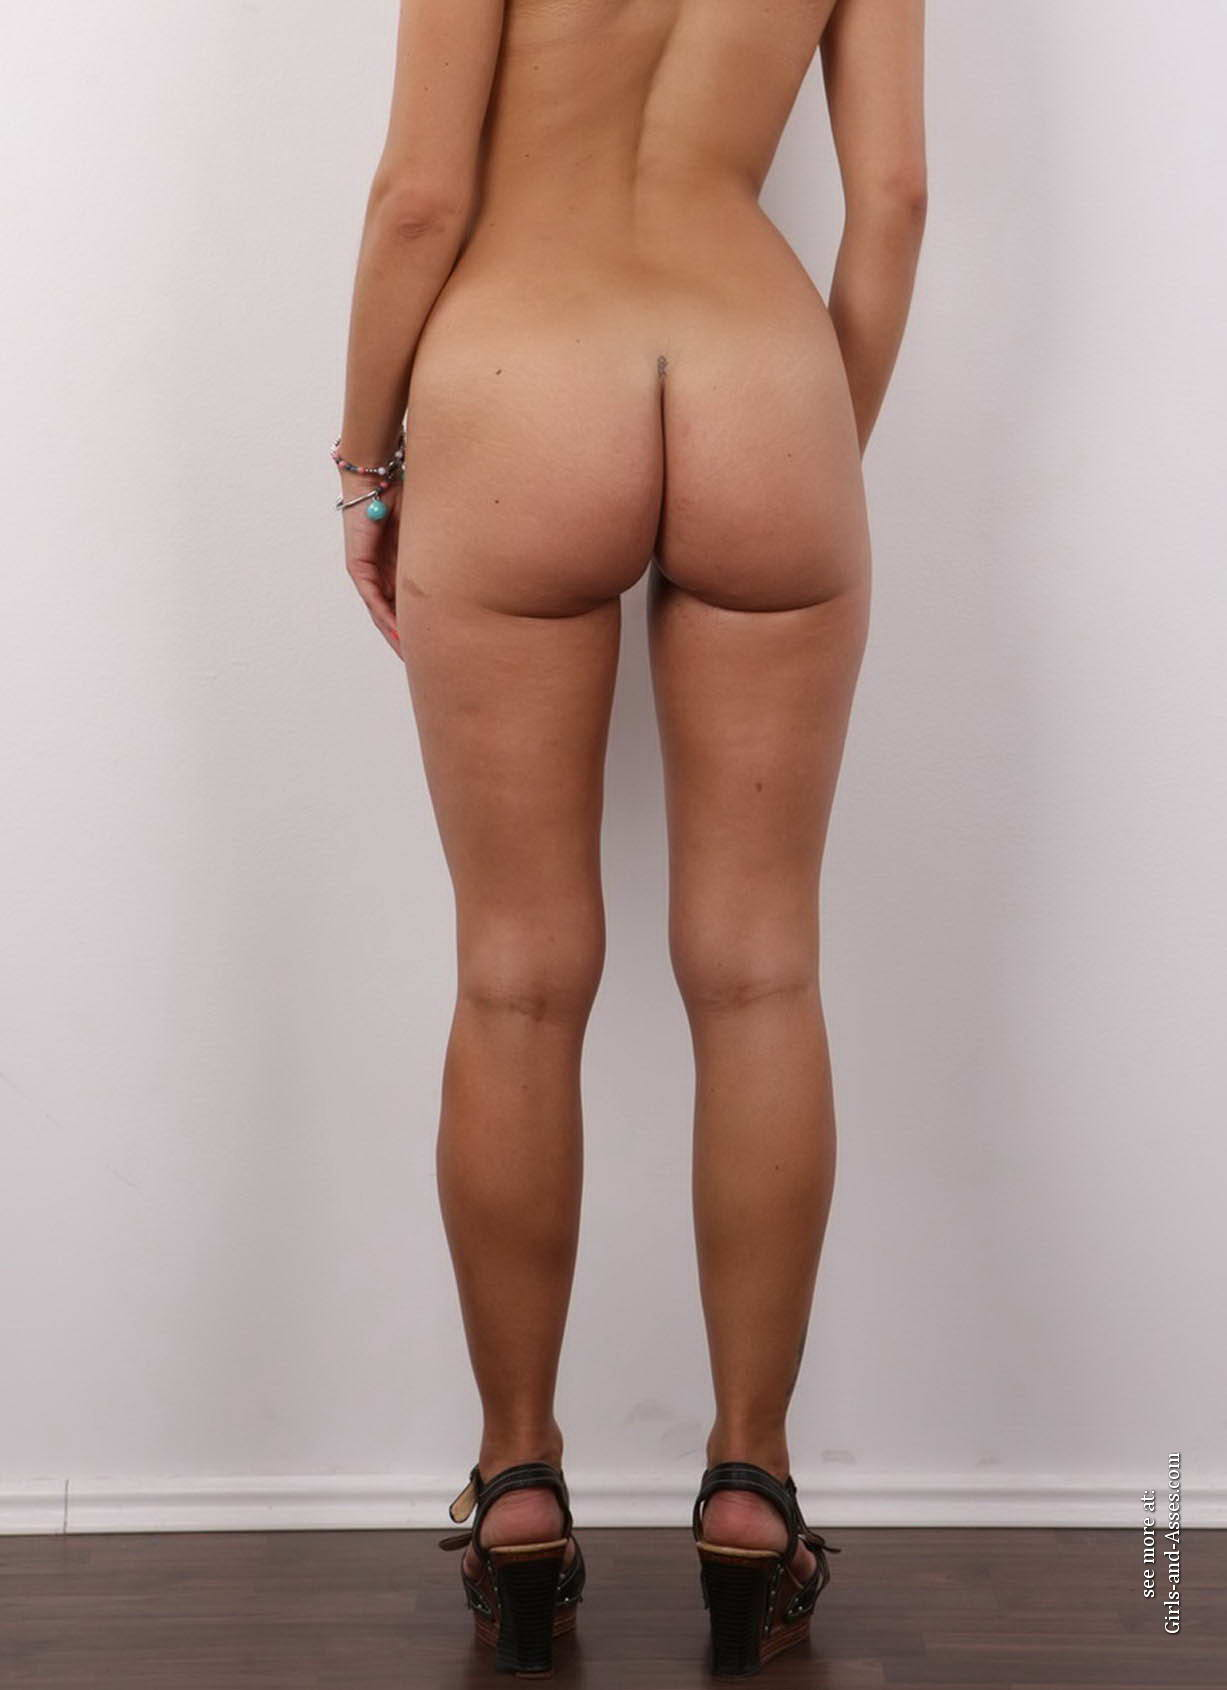 amateur hot homemade nude ass 00948